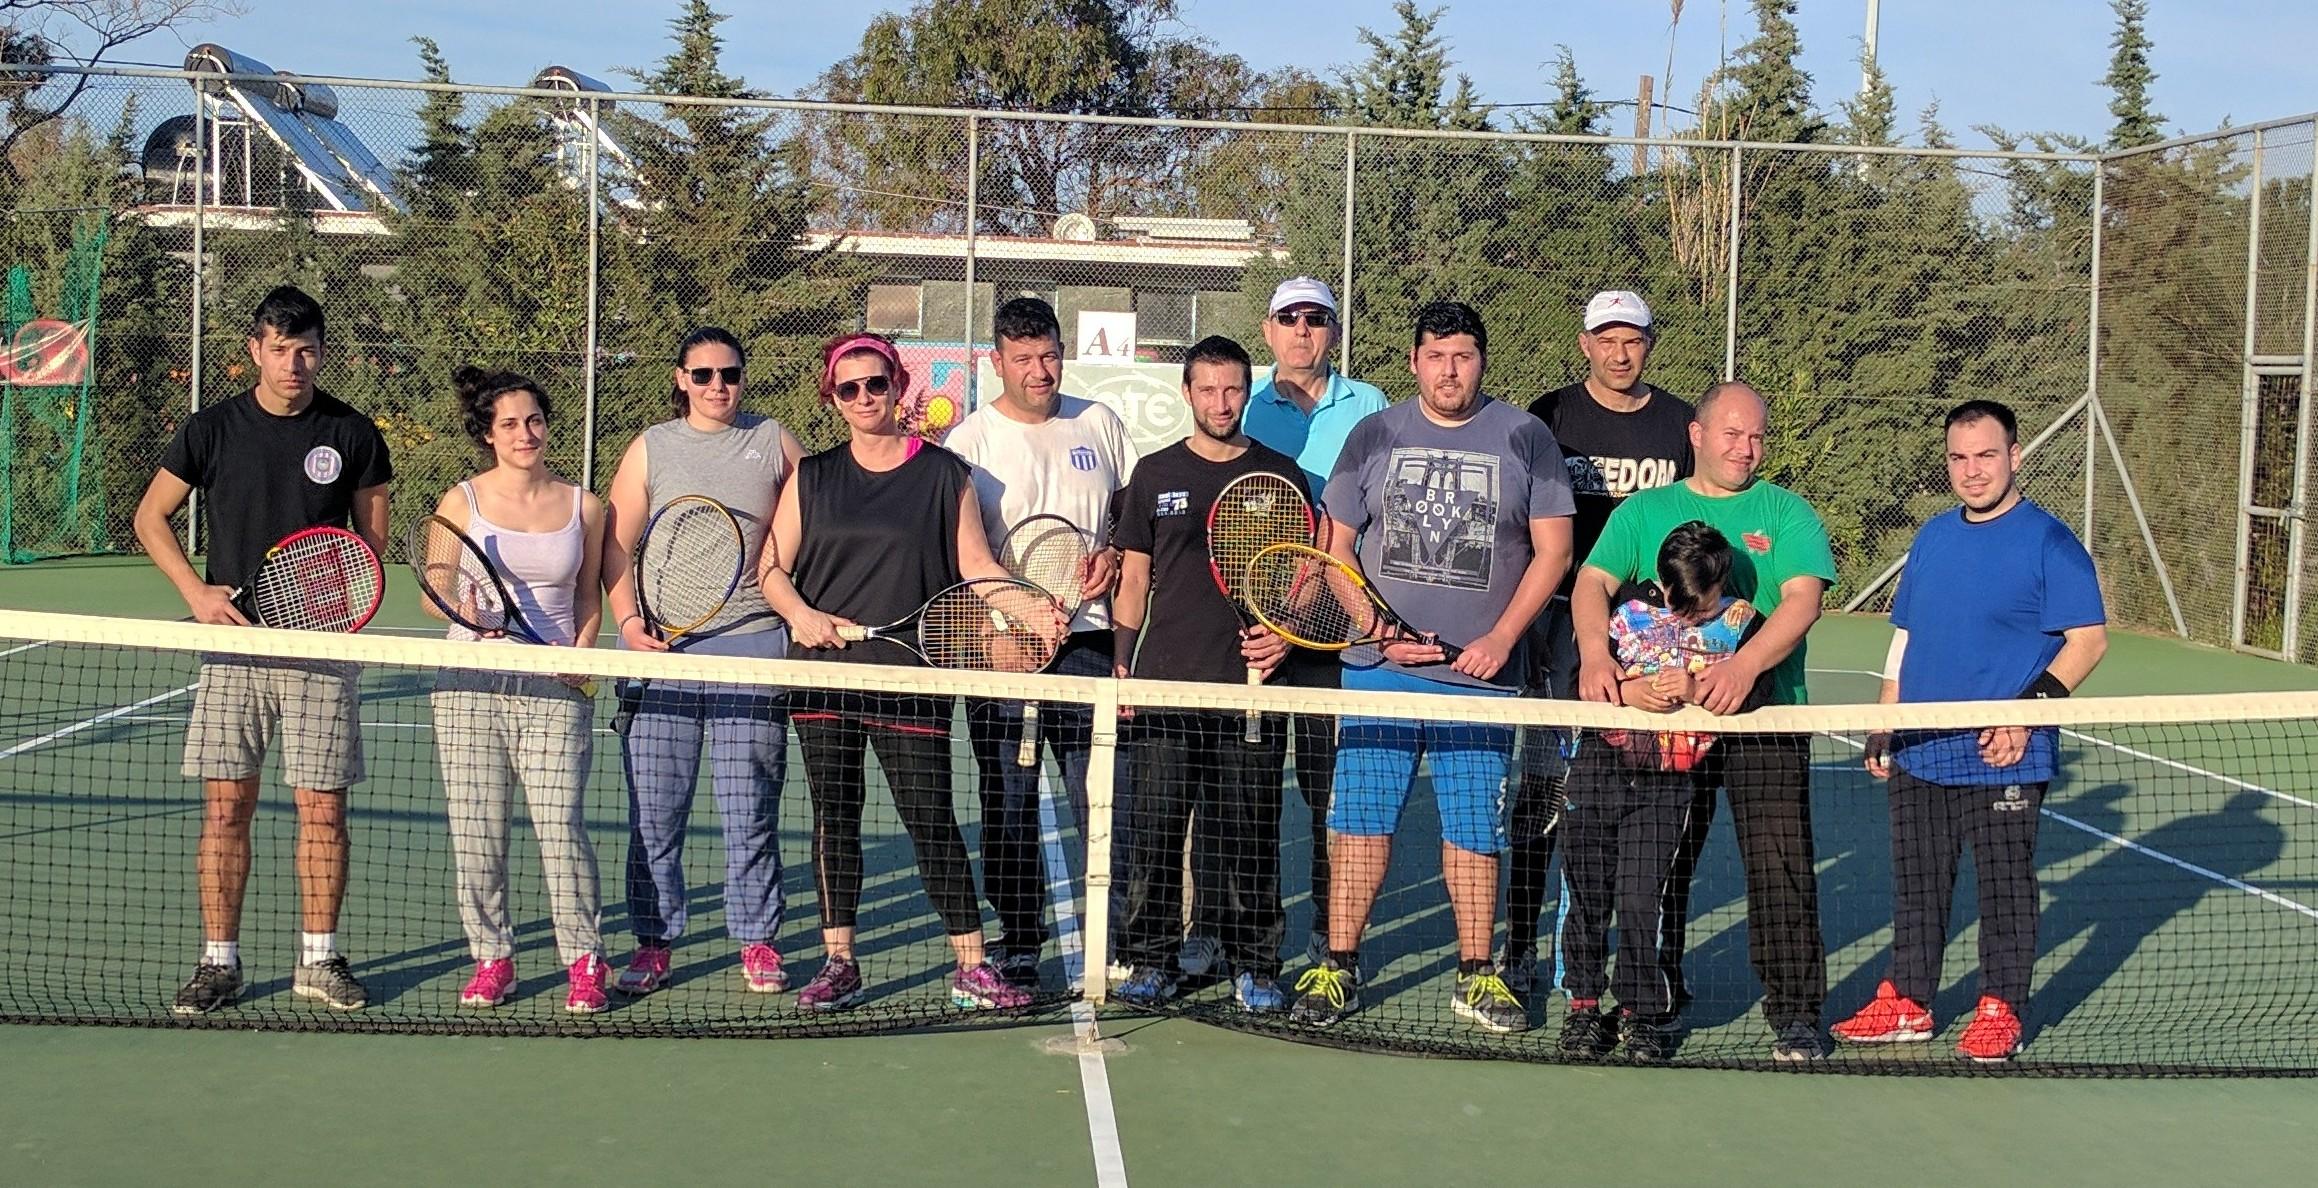 Μαθήματα Αντισφαίρισης στη Νεάπολη για την Ειδικότητα 'Προπονητής Αθλημάτων'